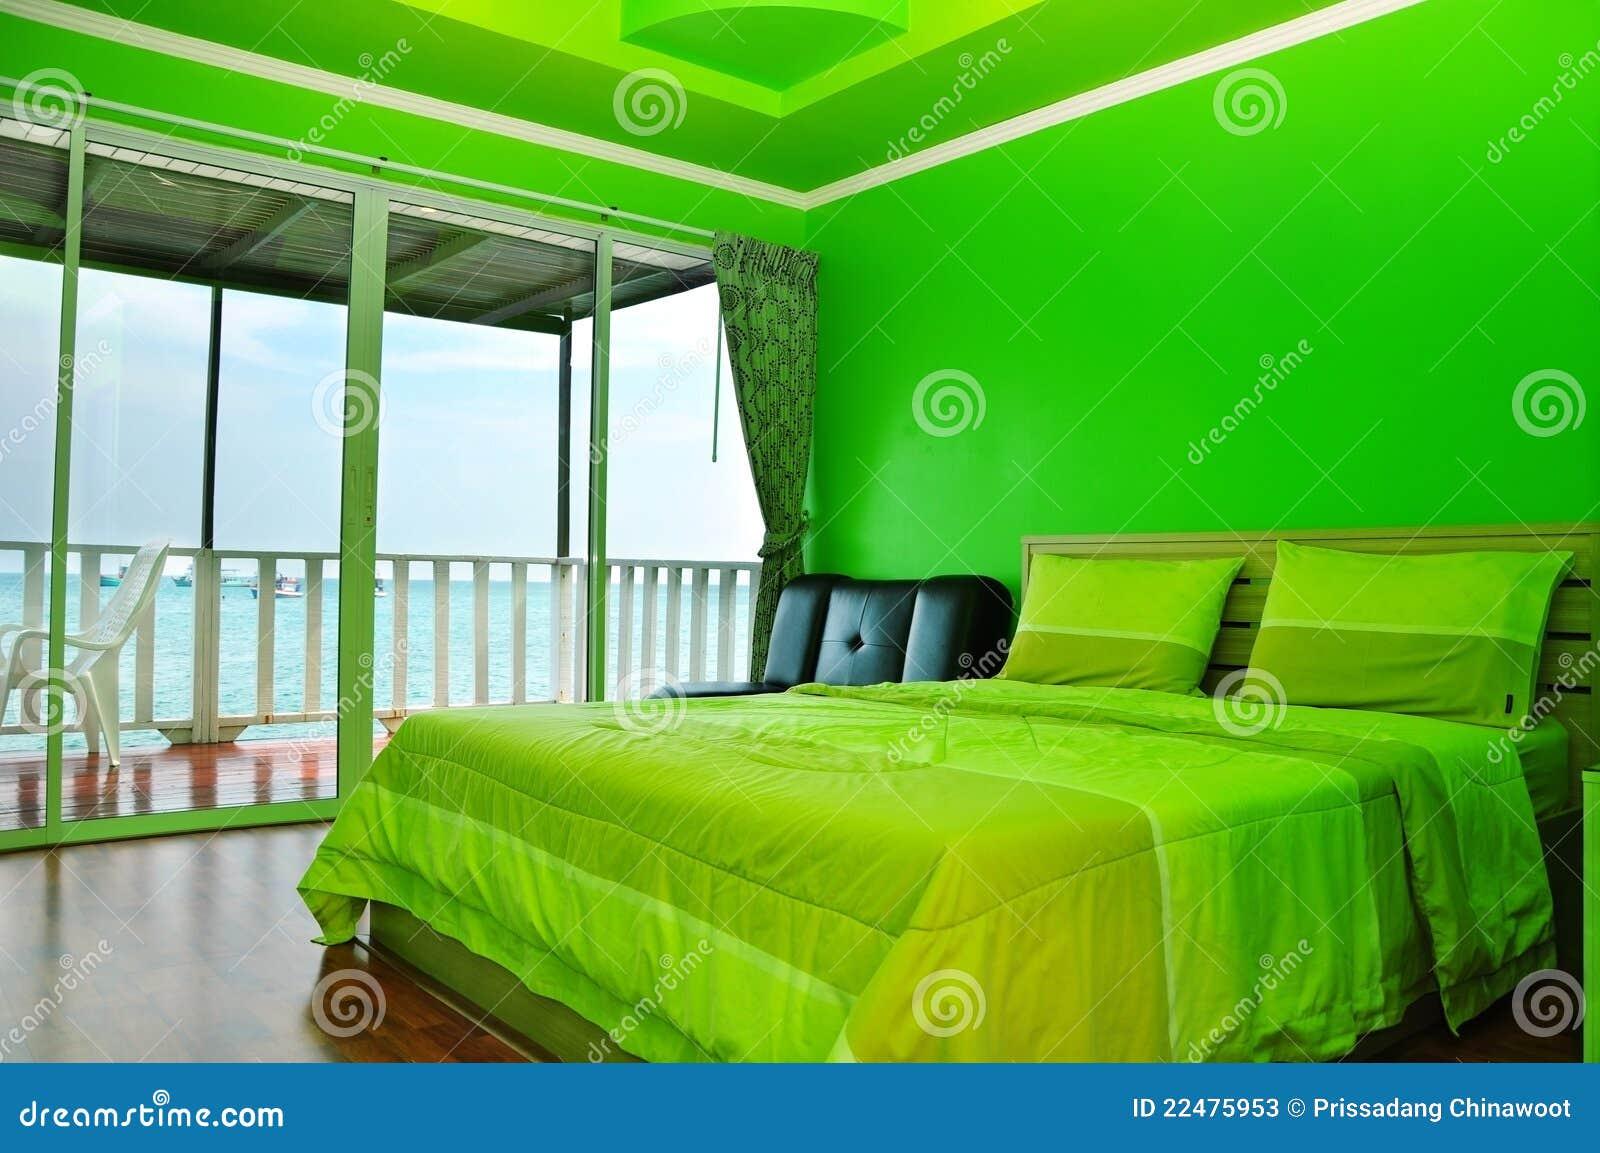 Groene slaapkamer stock afbeelding afbeelding bestaande uit slaapkamer 22475953 - Fotos van de slaapkamers ...